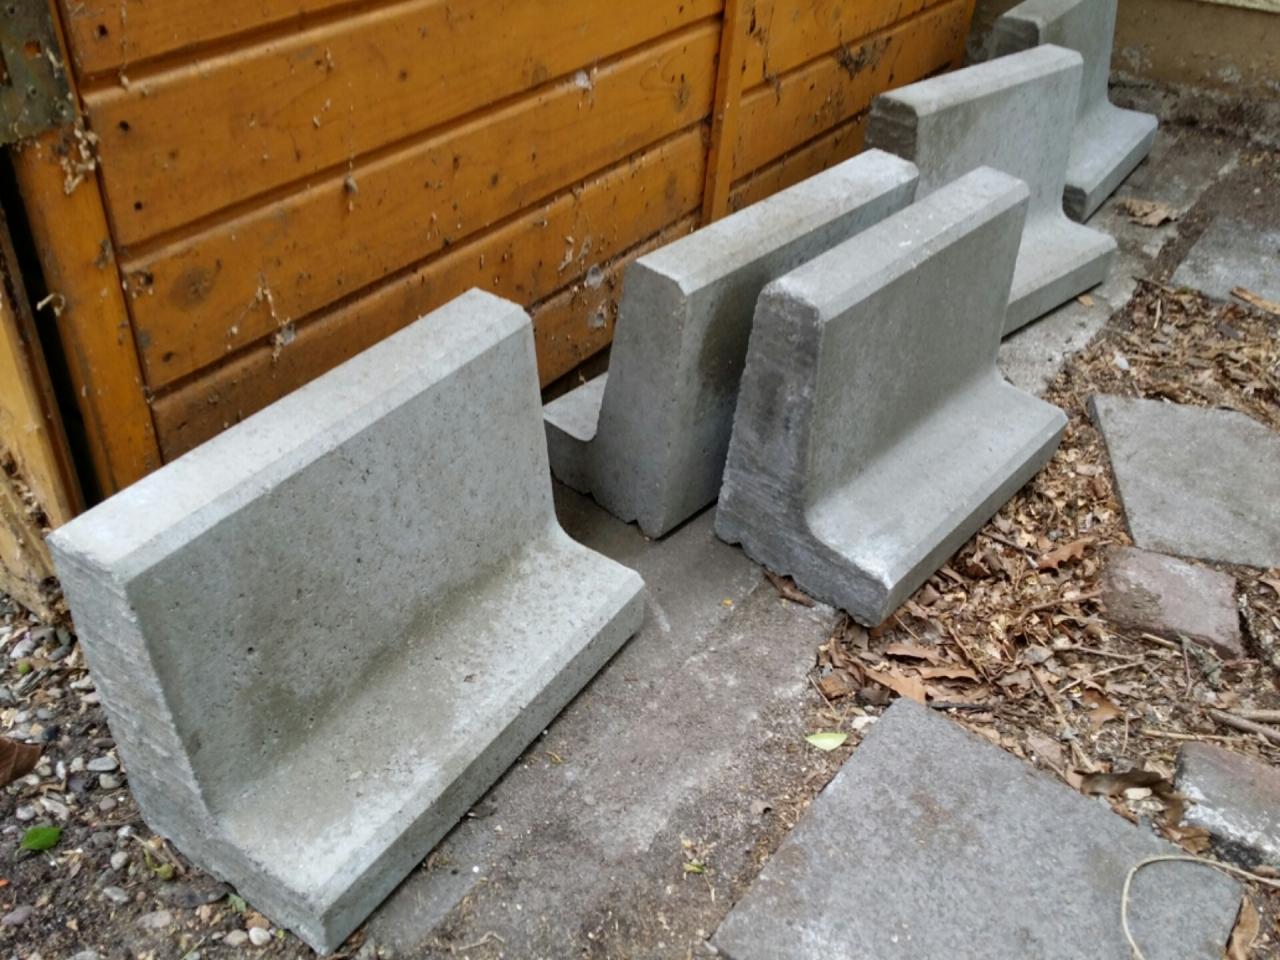 l steine setzen anleitung: winkel oder l steine setzen bauanleitung